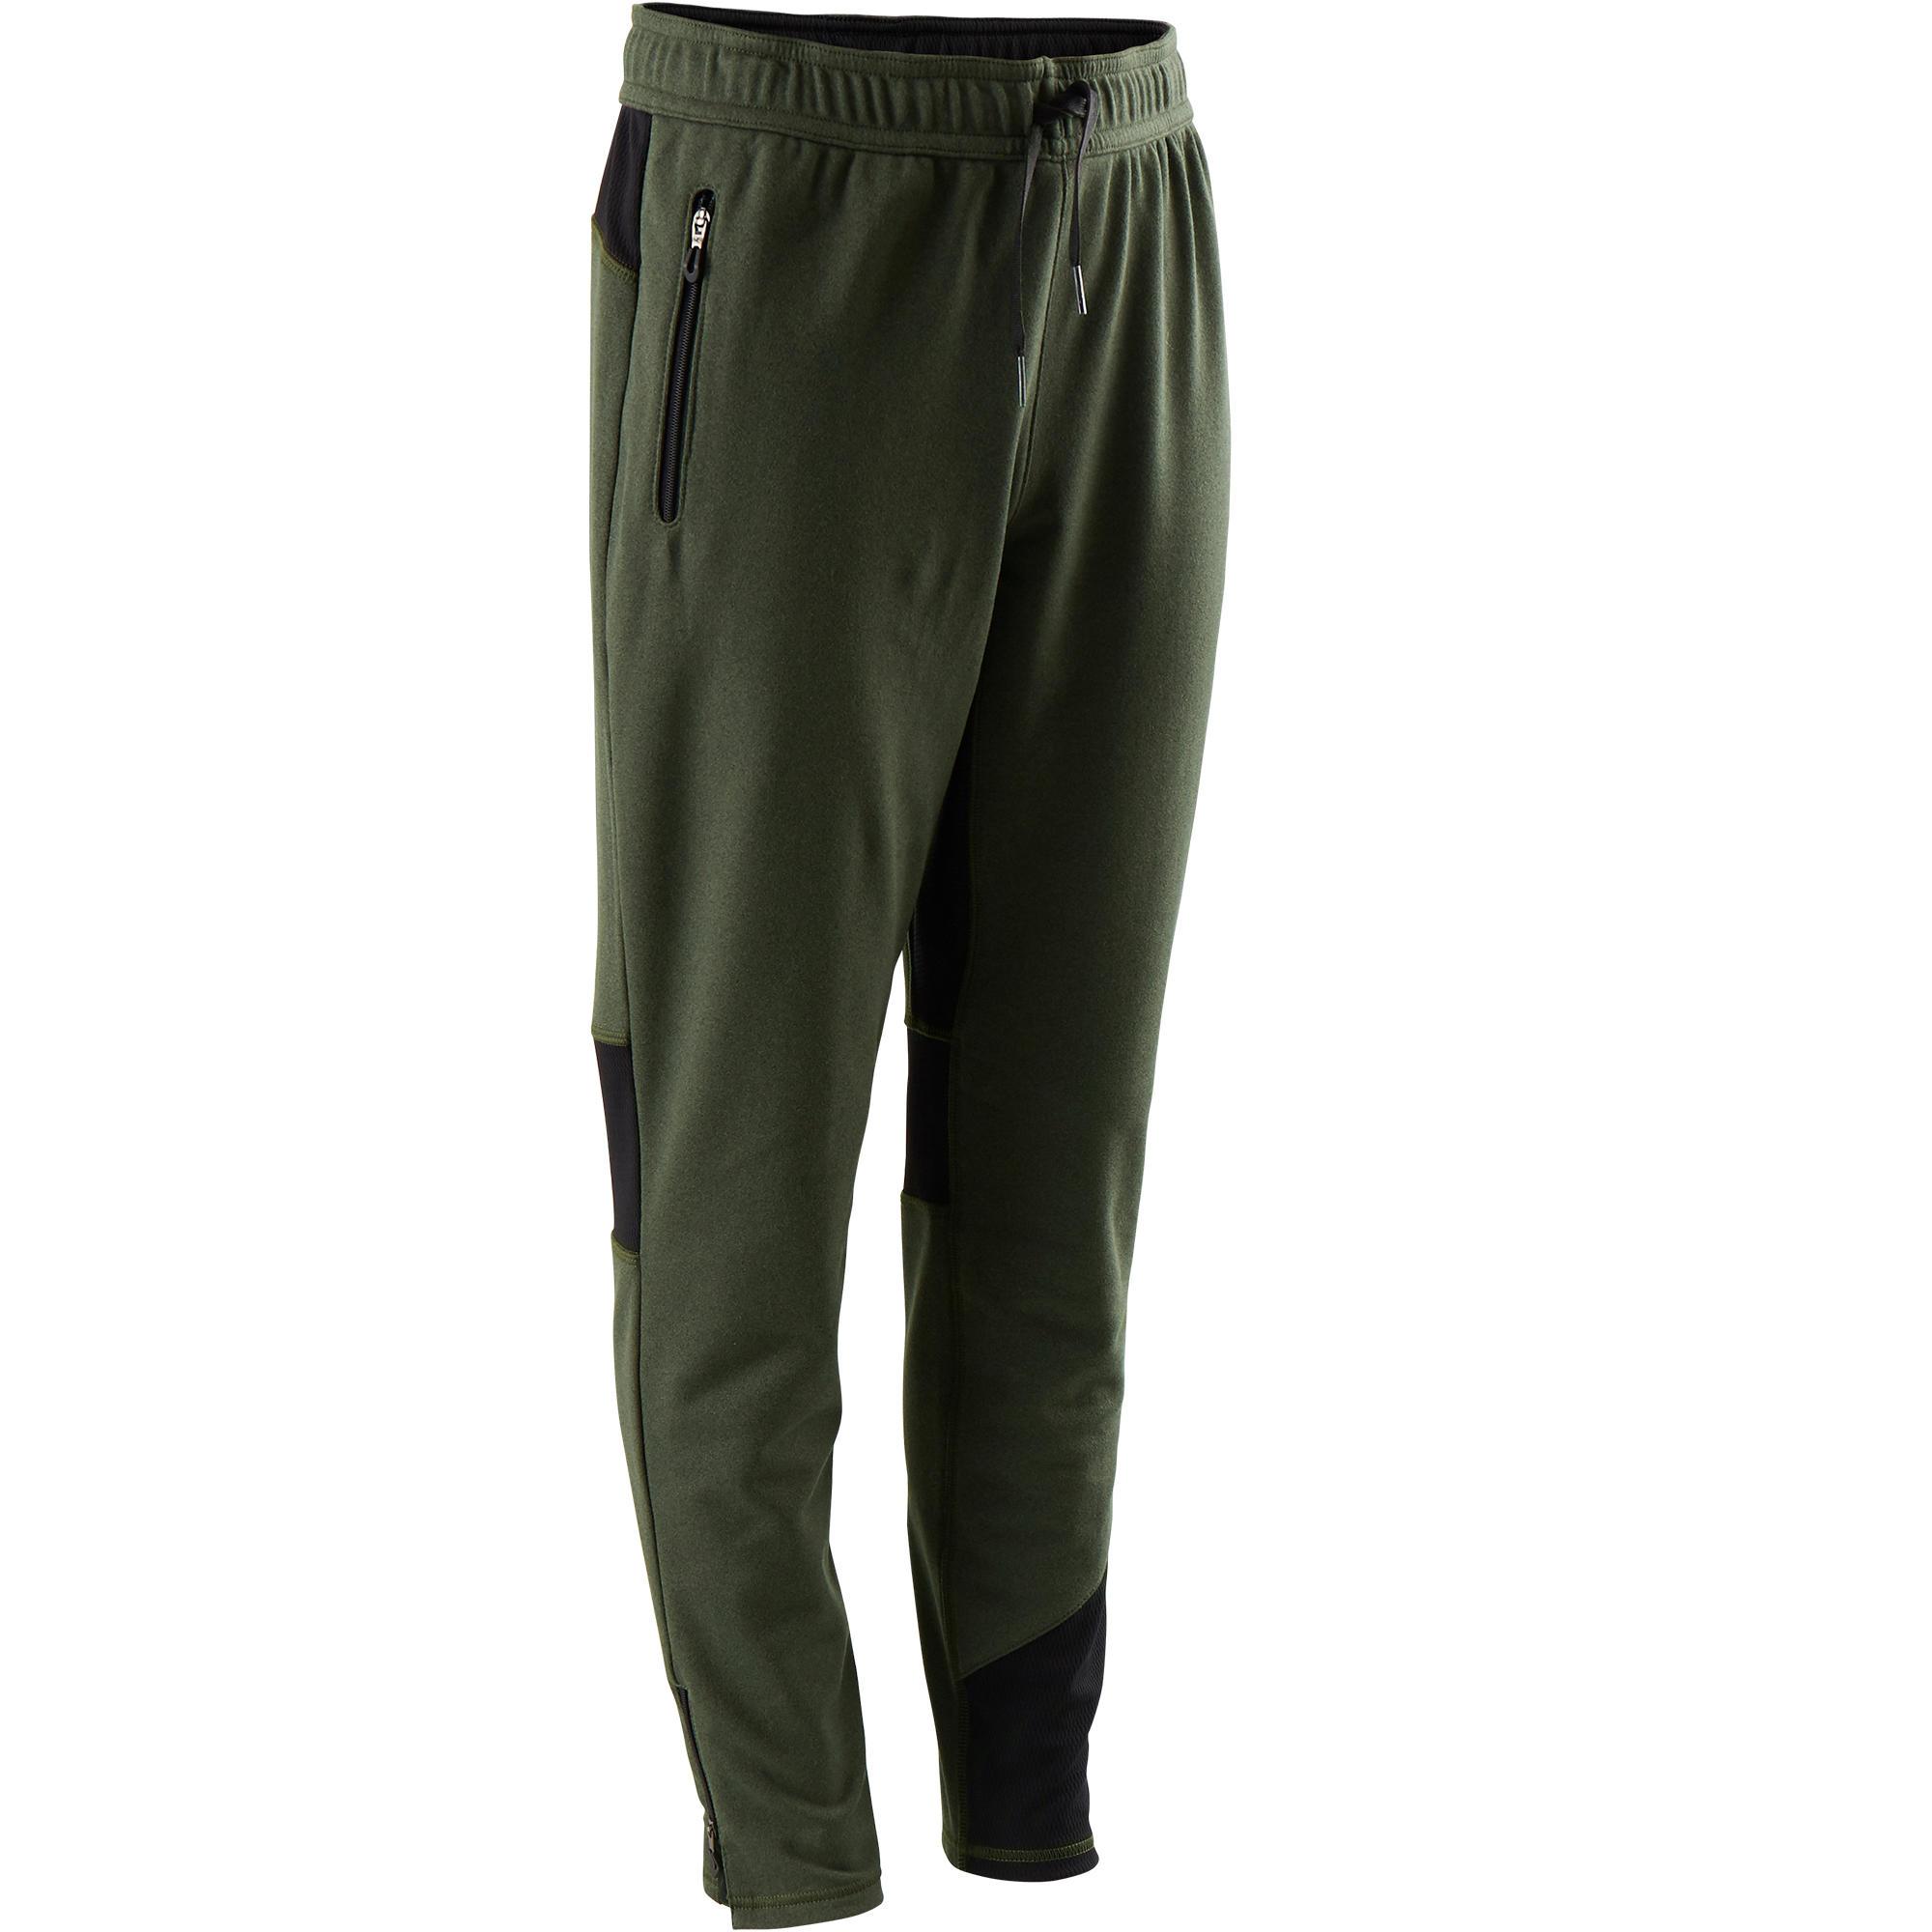 Pantalón cálido, slim transpirable S900 niño GIMNASIA JÚNIOR caqui jaspeado